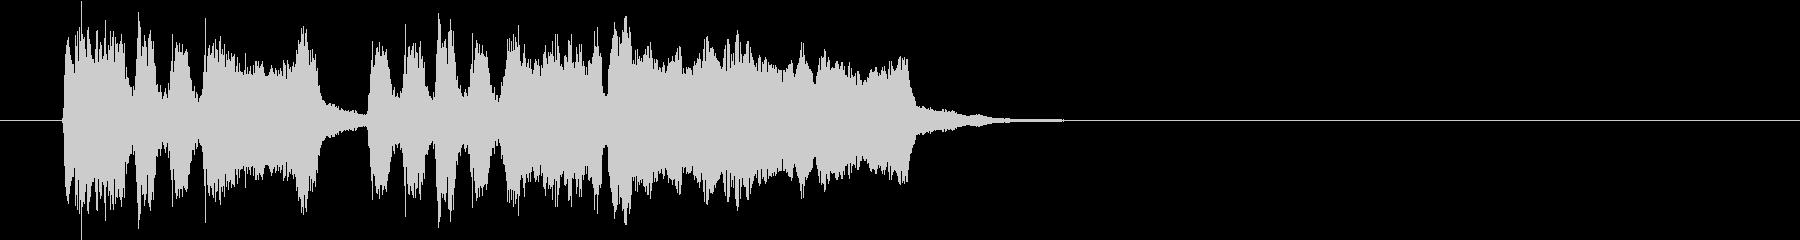 Tpファンファーレ 重厚め速め滑らかめの未再生の波形